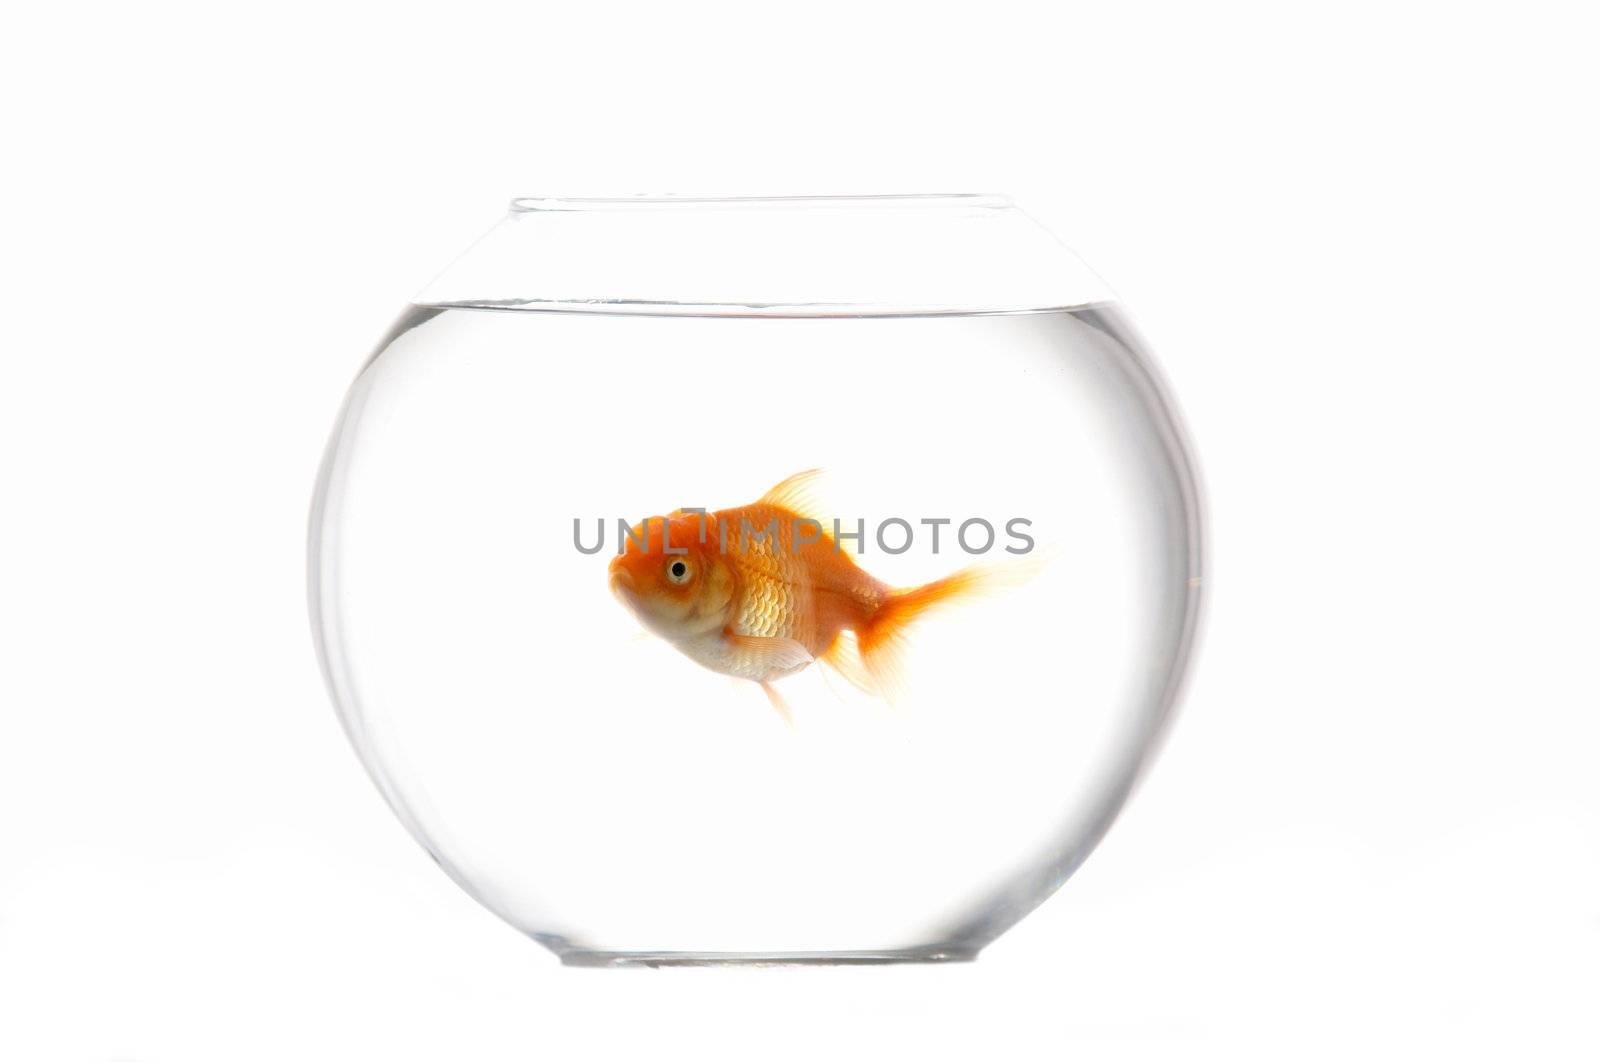 An image of goldfish in aquarium